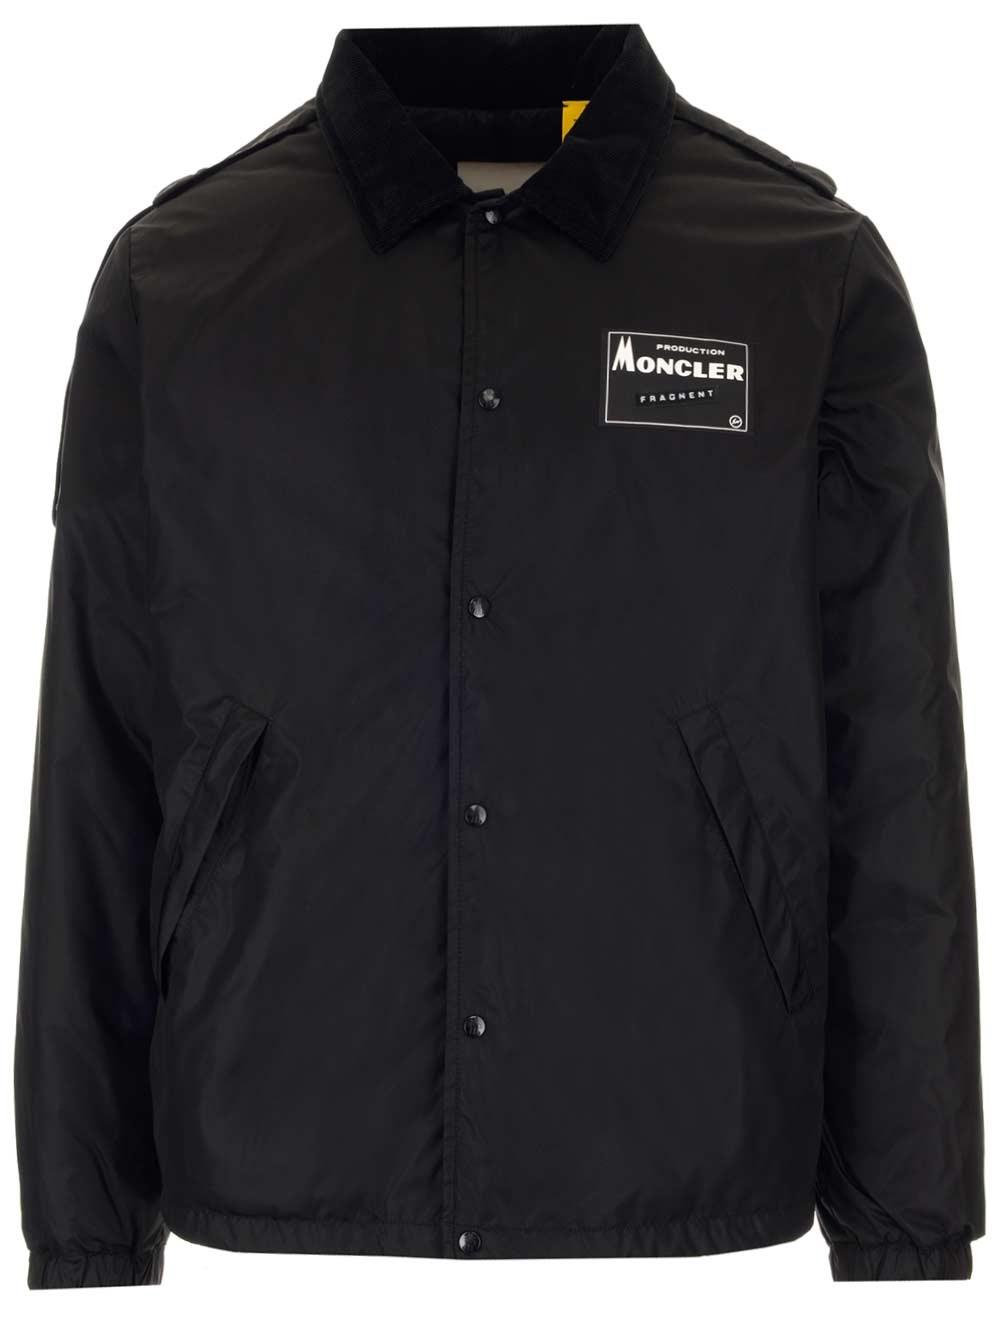 MONCLER GENIUS Jacket - 7 Moncler Fragment Hiroshi Fujiwara